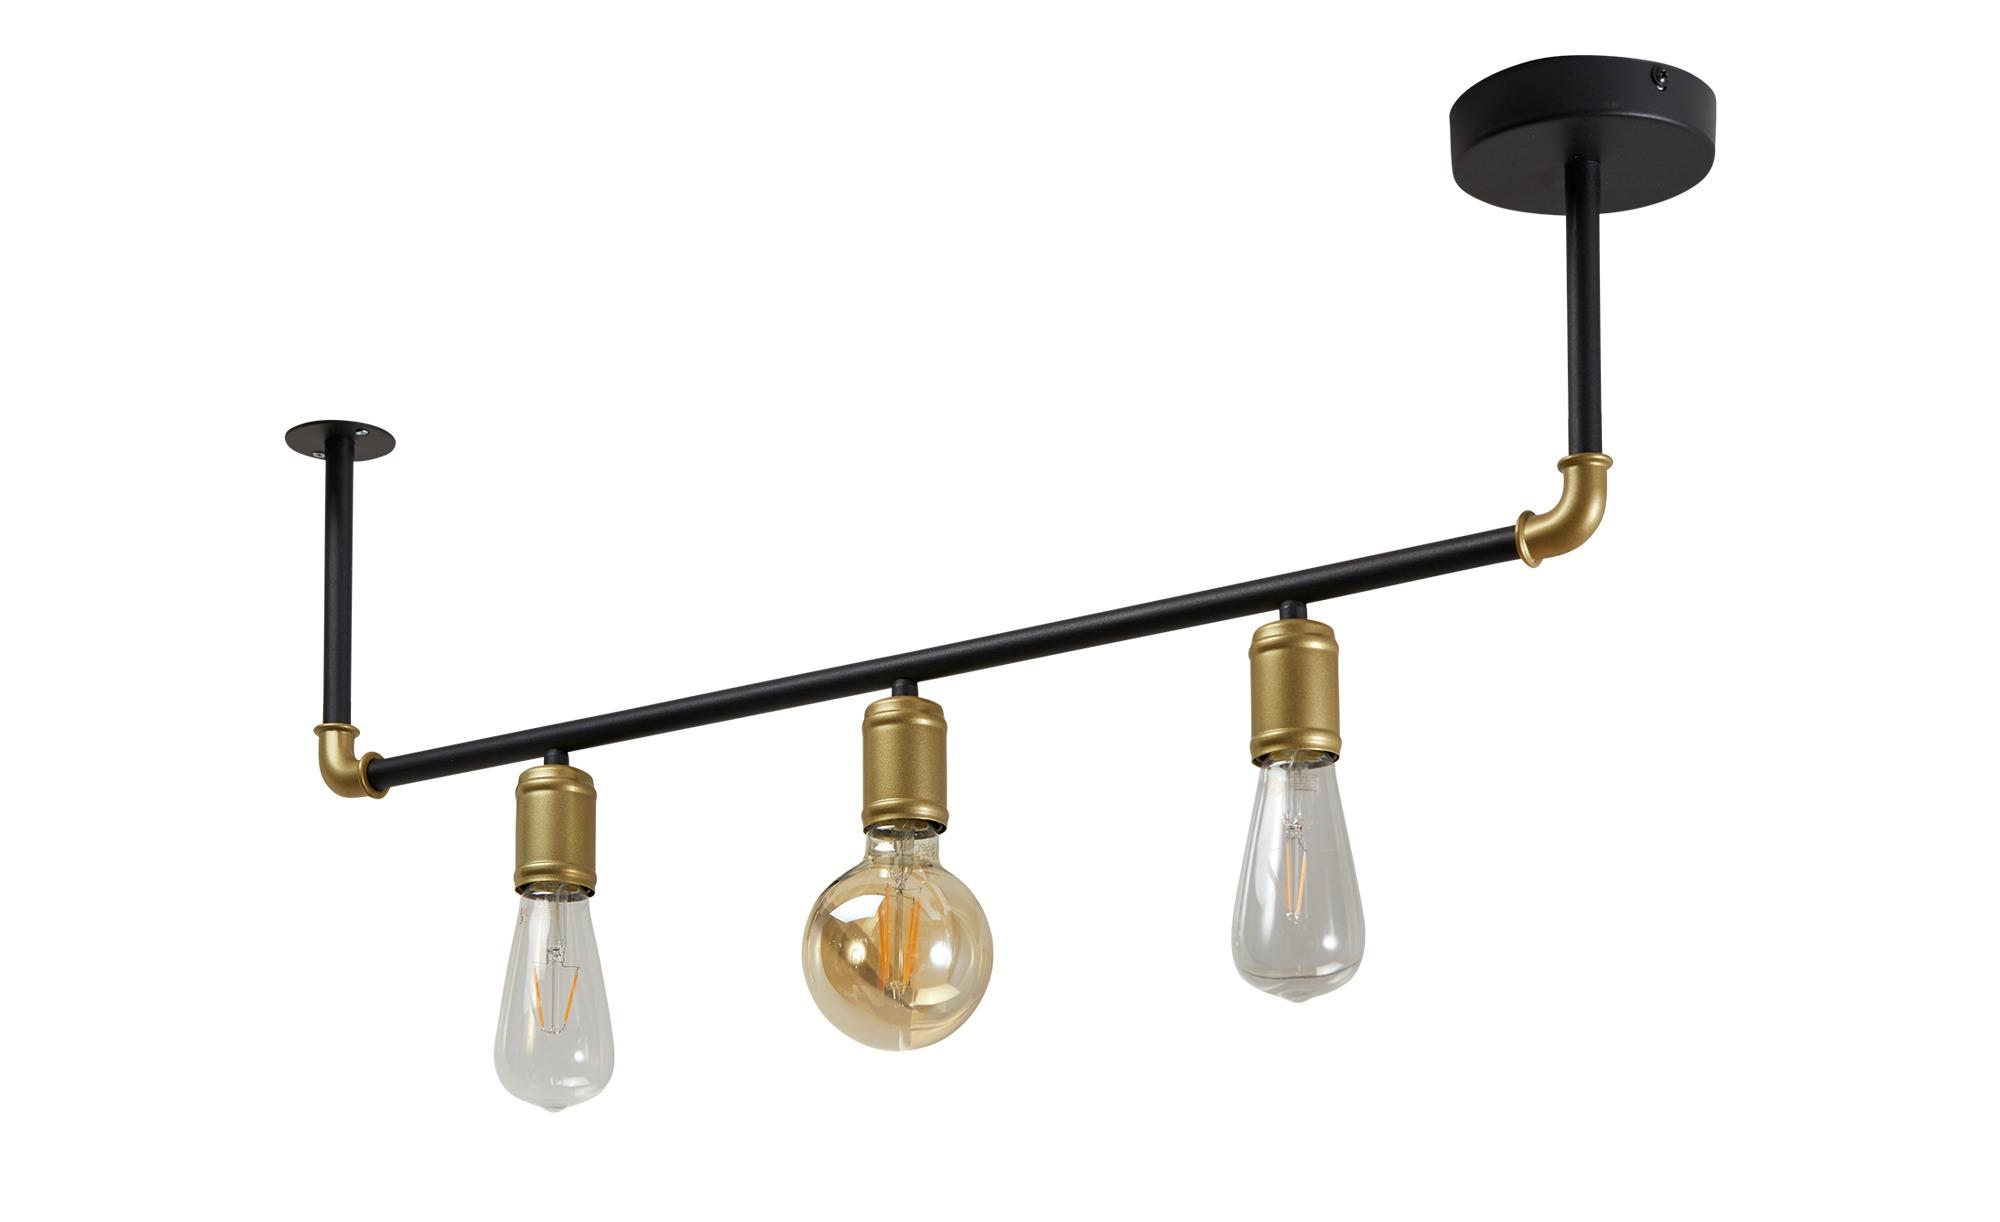 Deckenleuchte, 3-flammig, schwarz ¦ schwarz ¦ Maße (cm): H: 27 Lampen & Leuchten > Innenleuchten > Deckenleuchten - Höffner